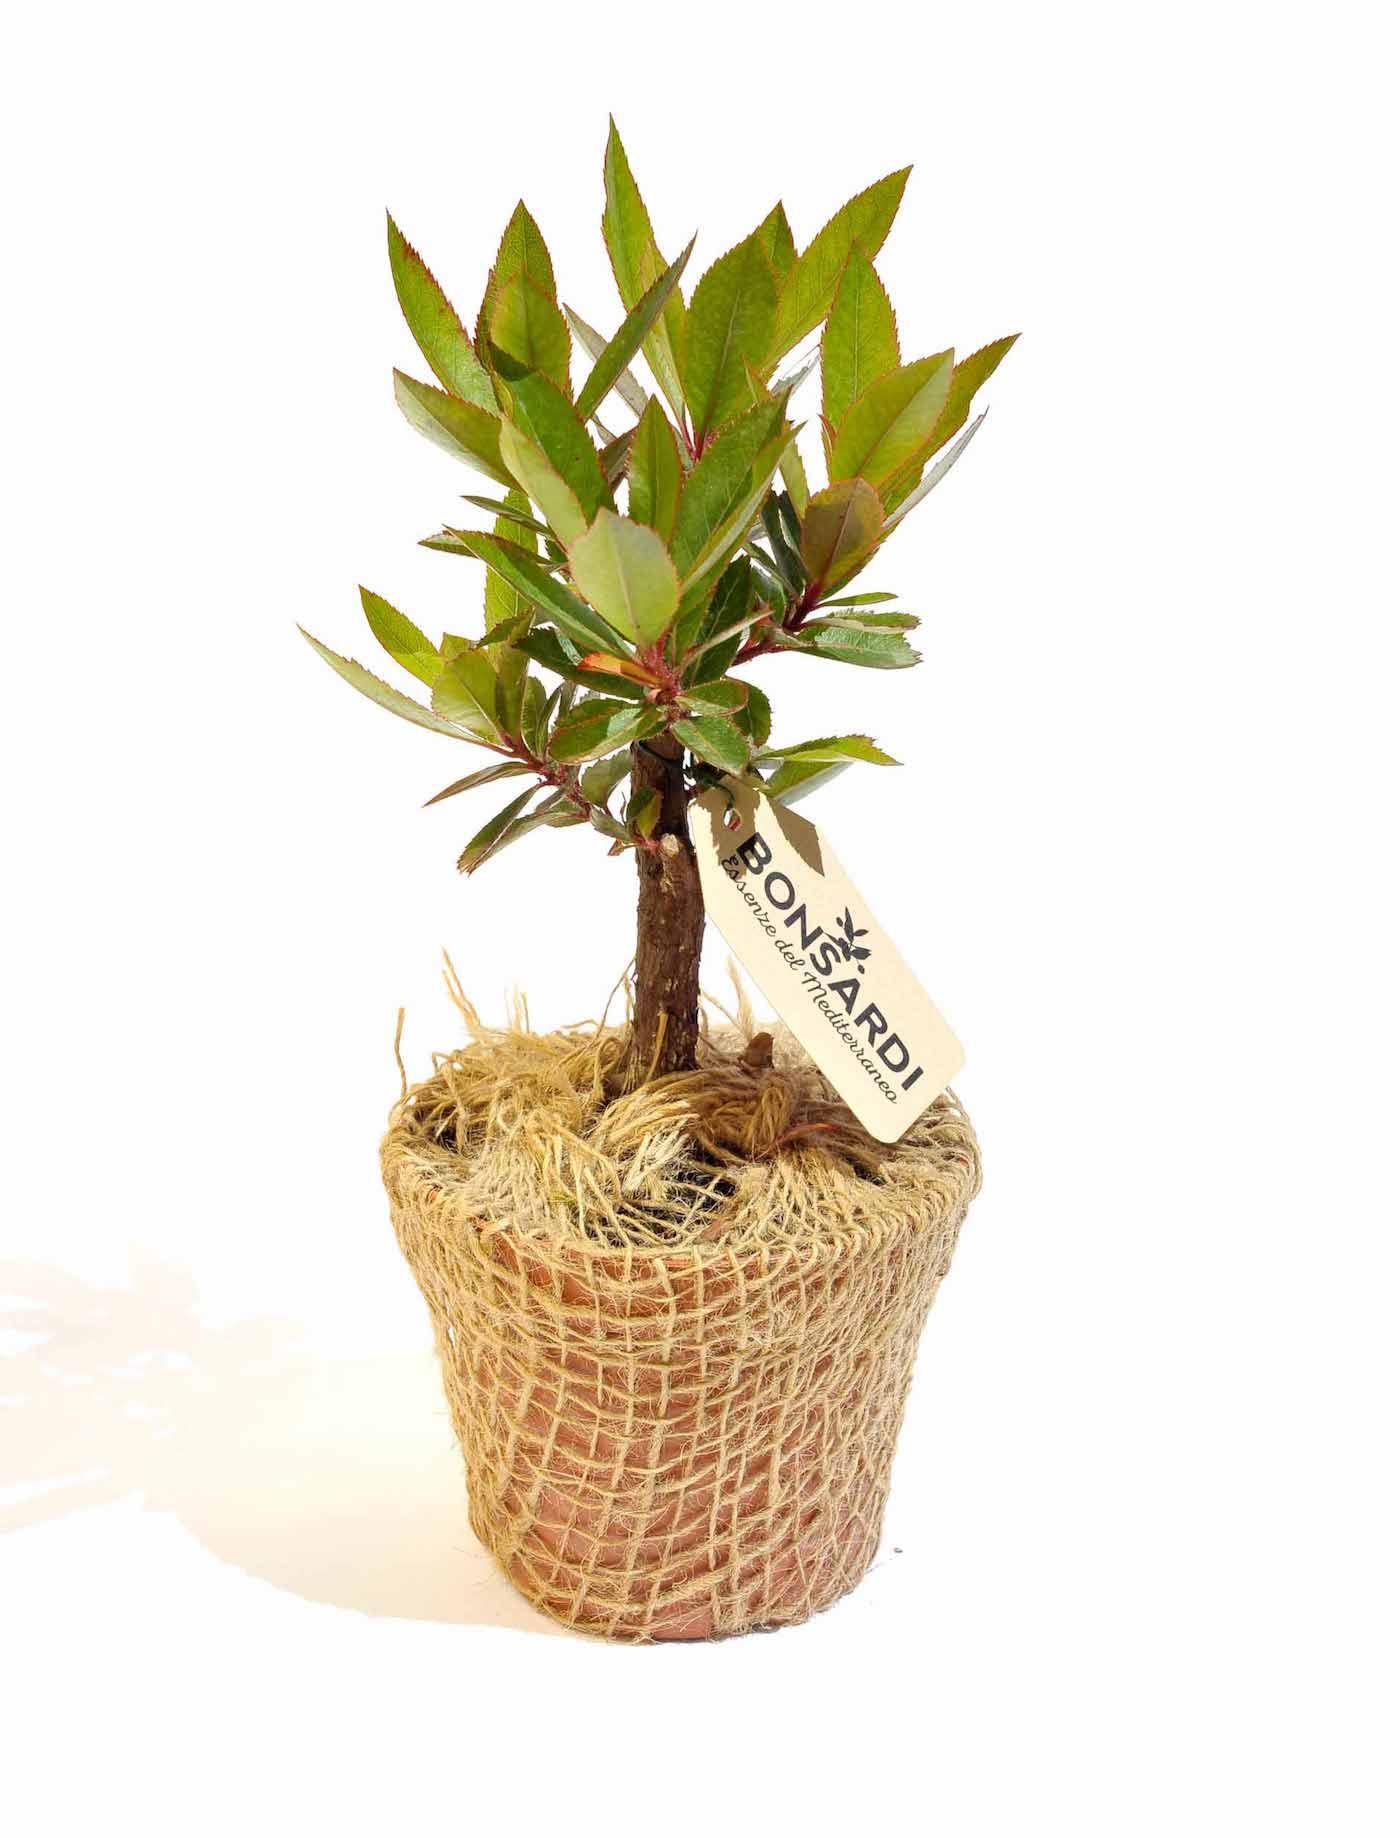 Bonsardo di lentisco (Pistacia lentiscus)